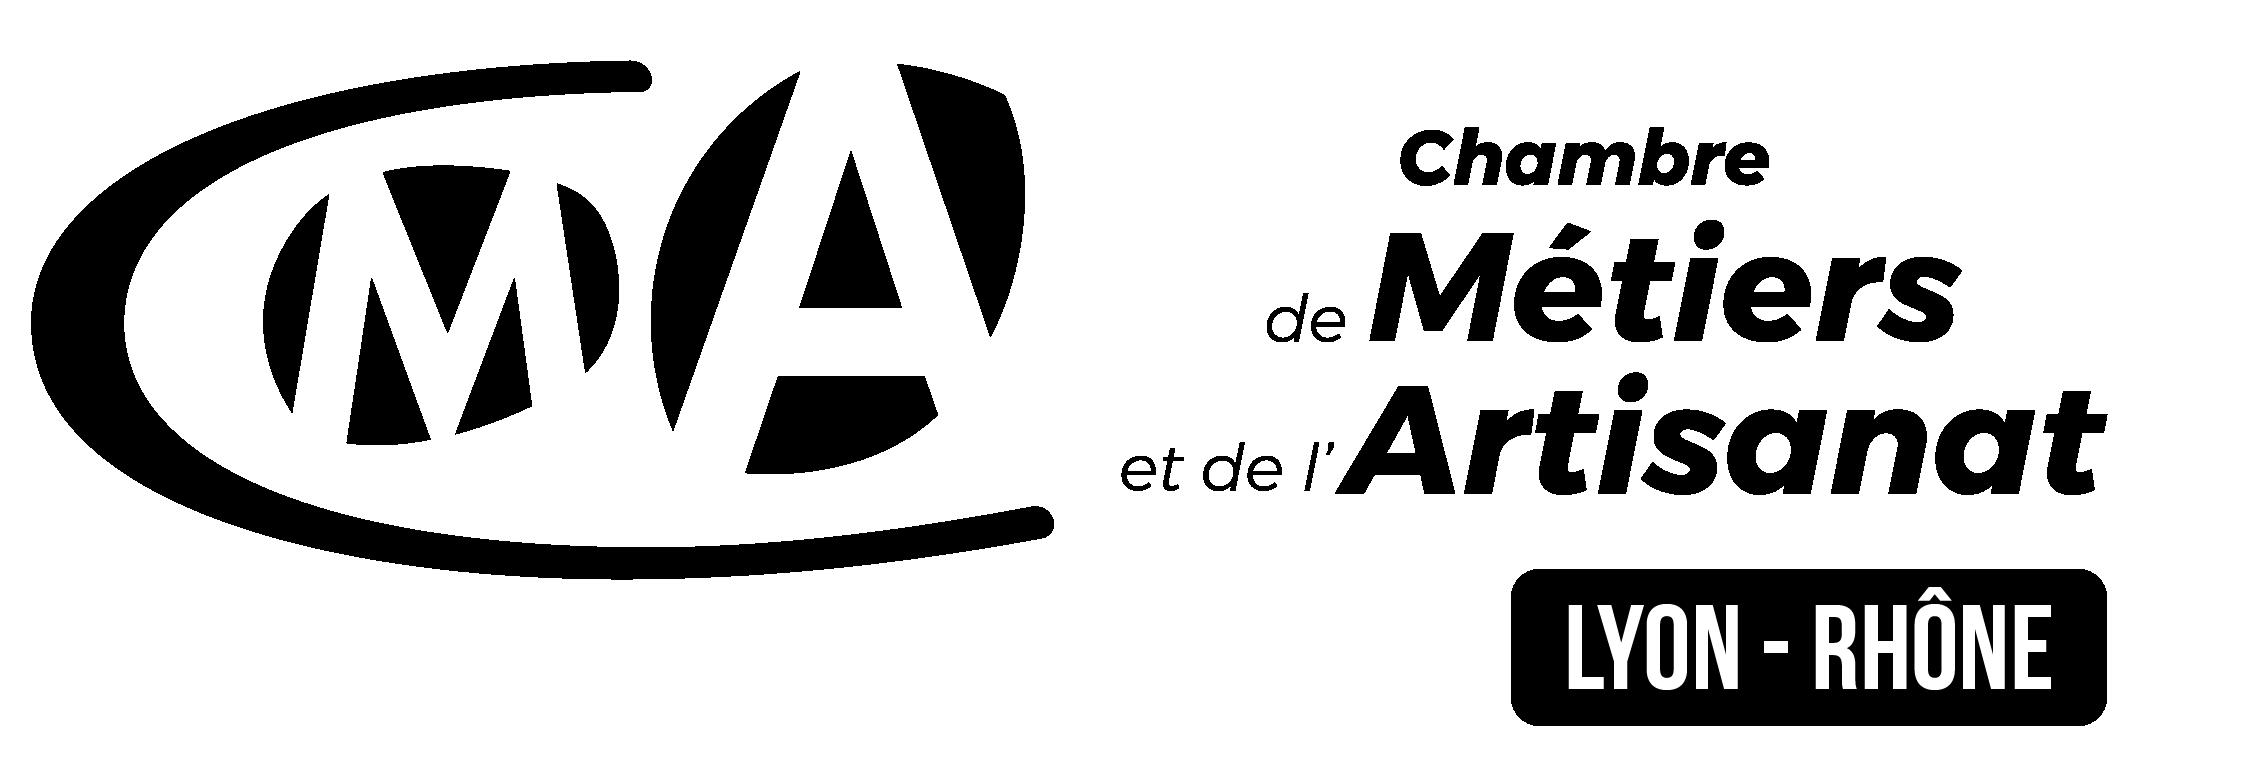 artisanat rhone alpes